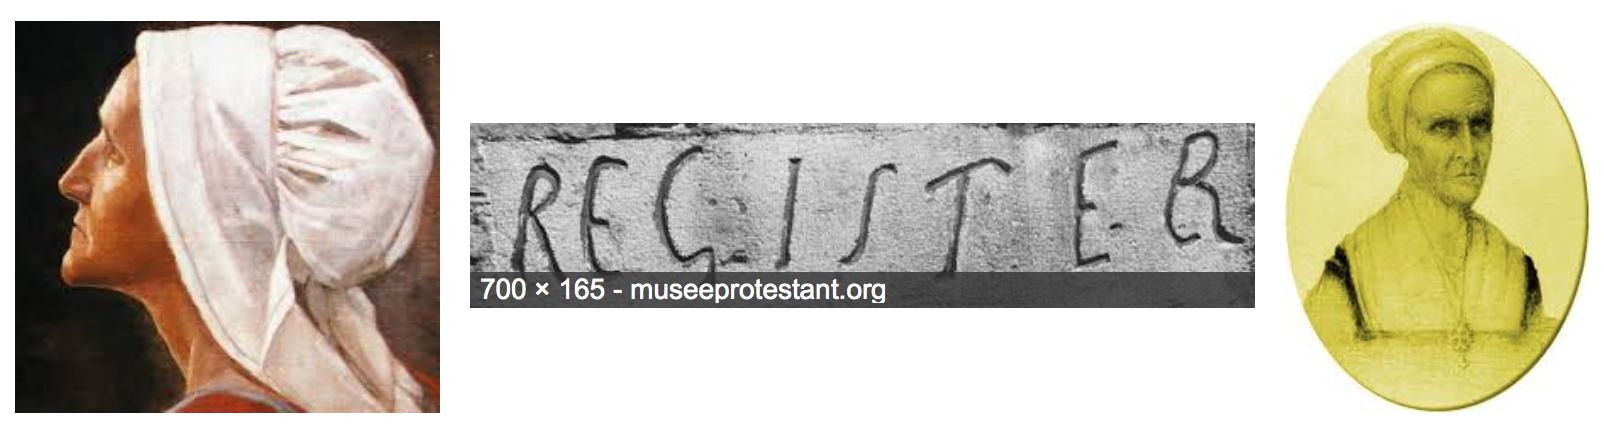 Electeurs protestants, préférez-vous accueillir l'ennemi ou Résister ?